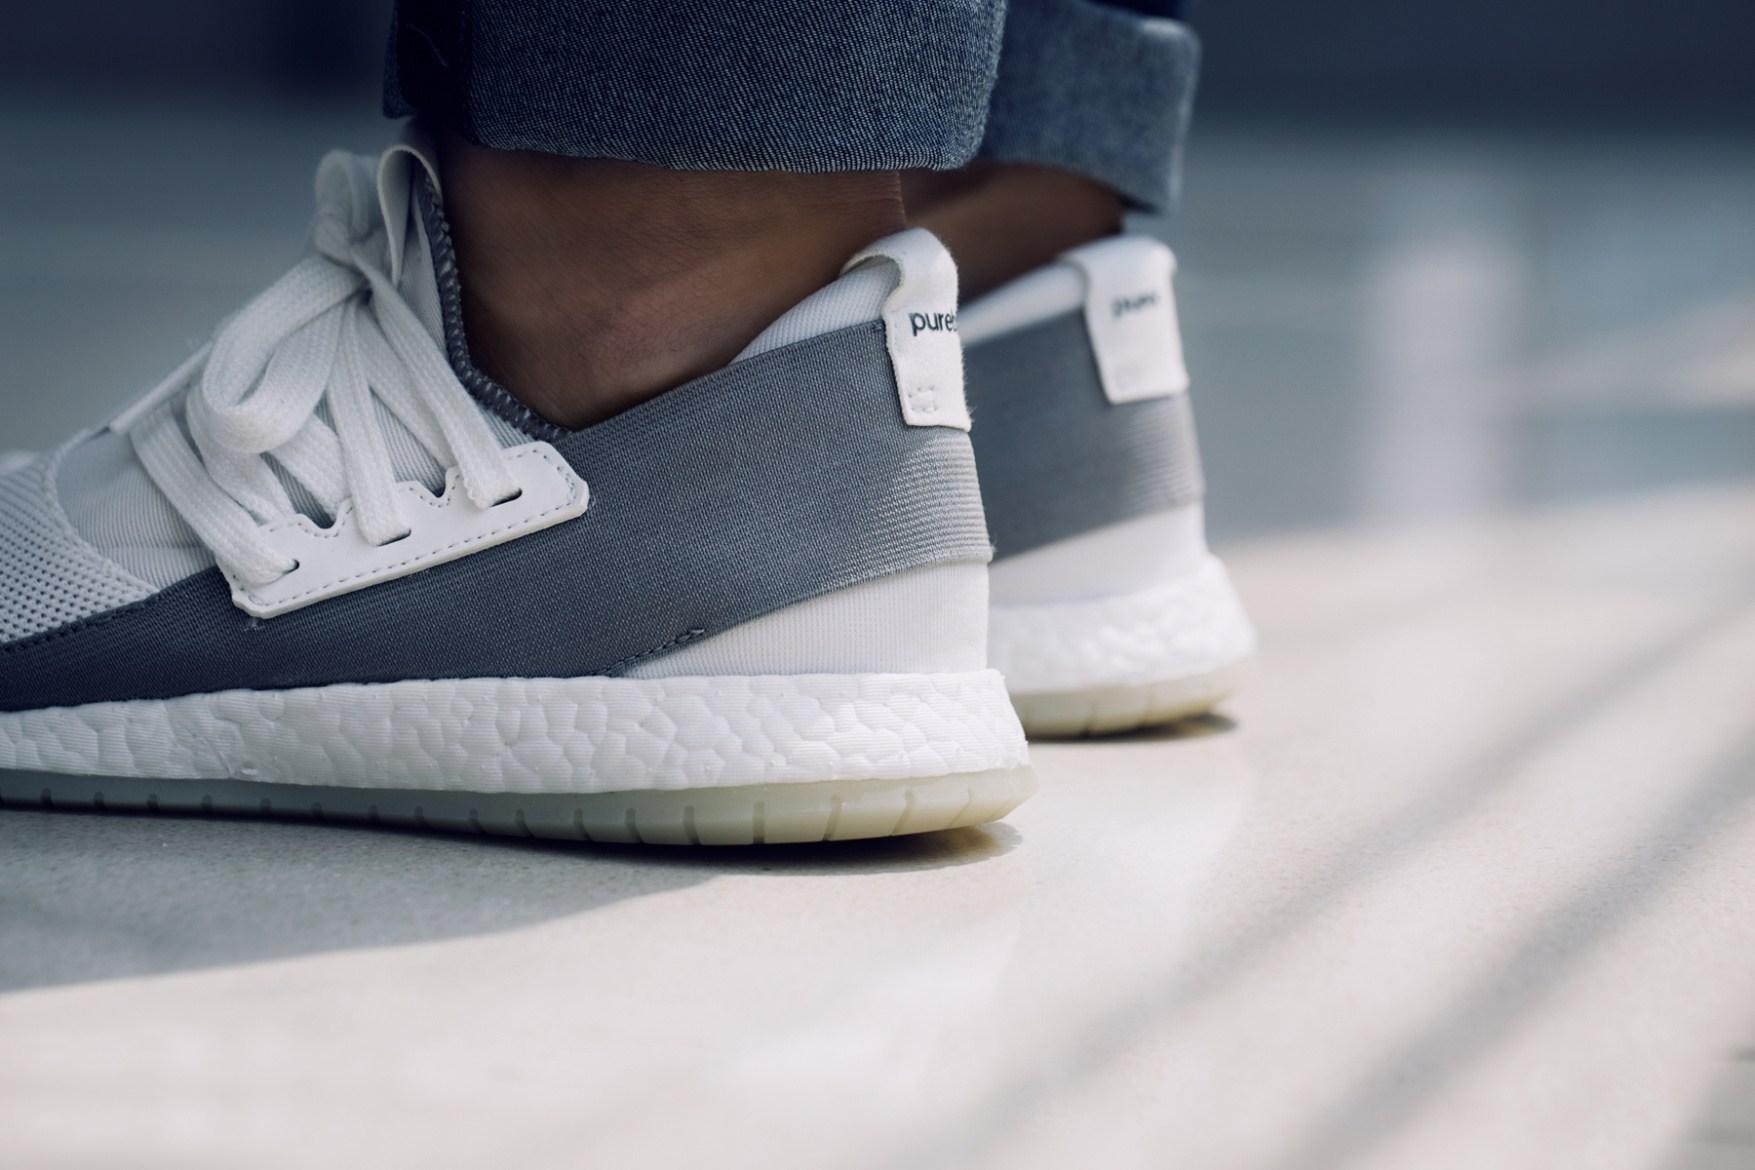 adidas-pureboost-raw-07